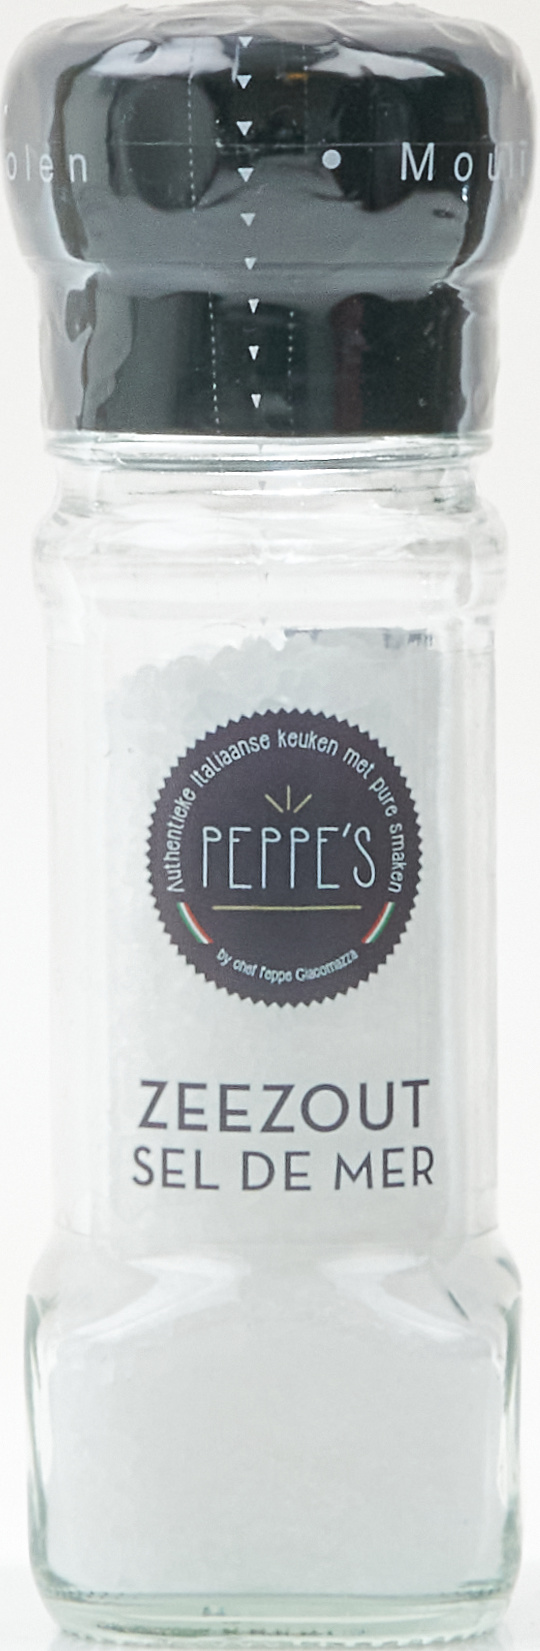 Peppe's Zeezout Molen 100gr